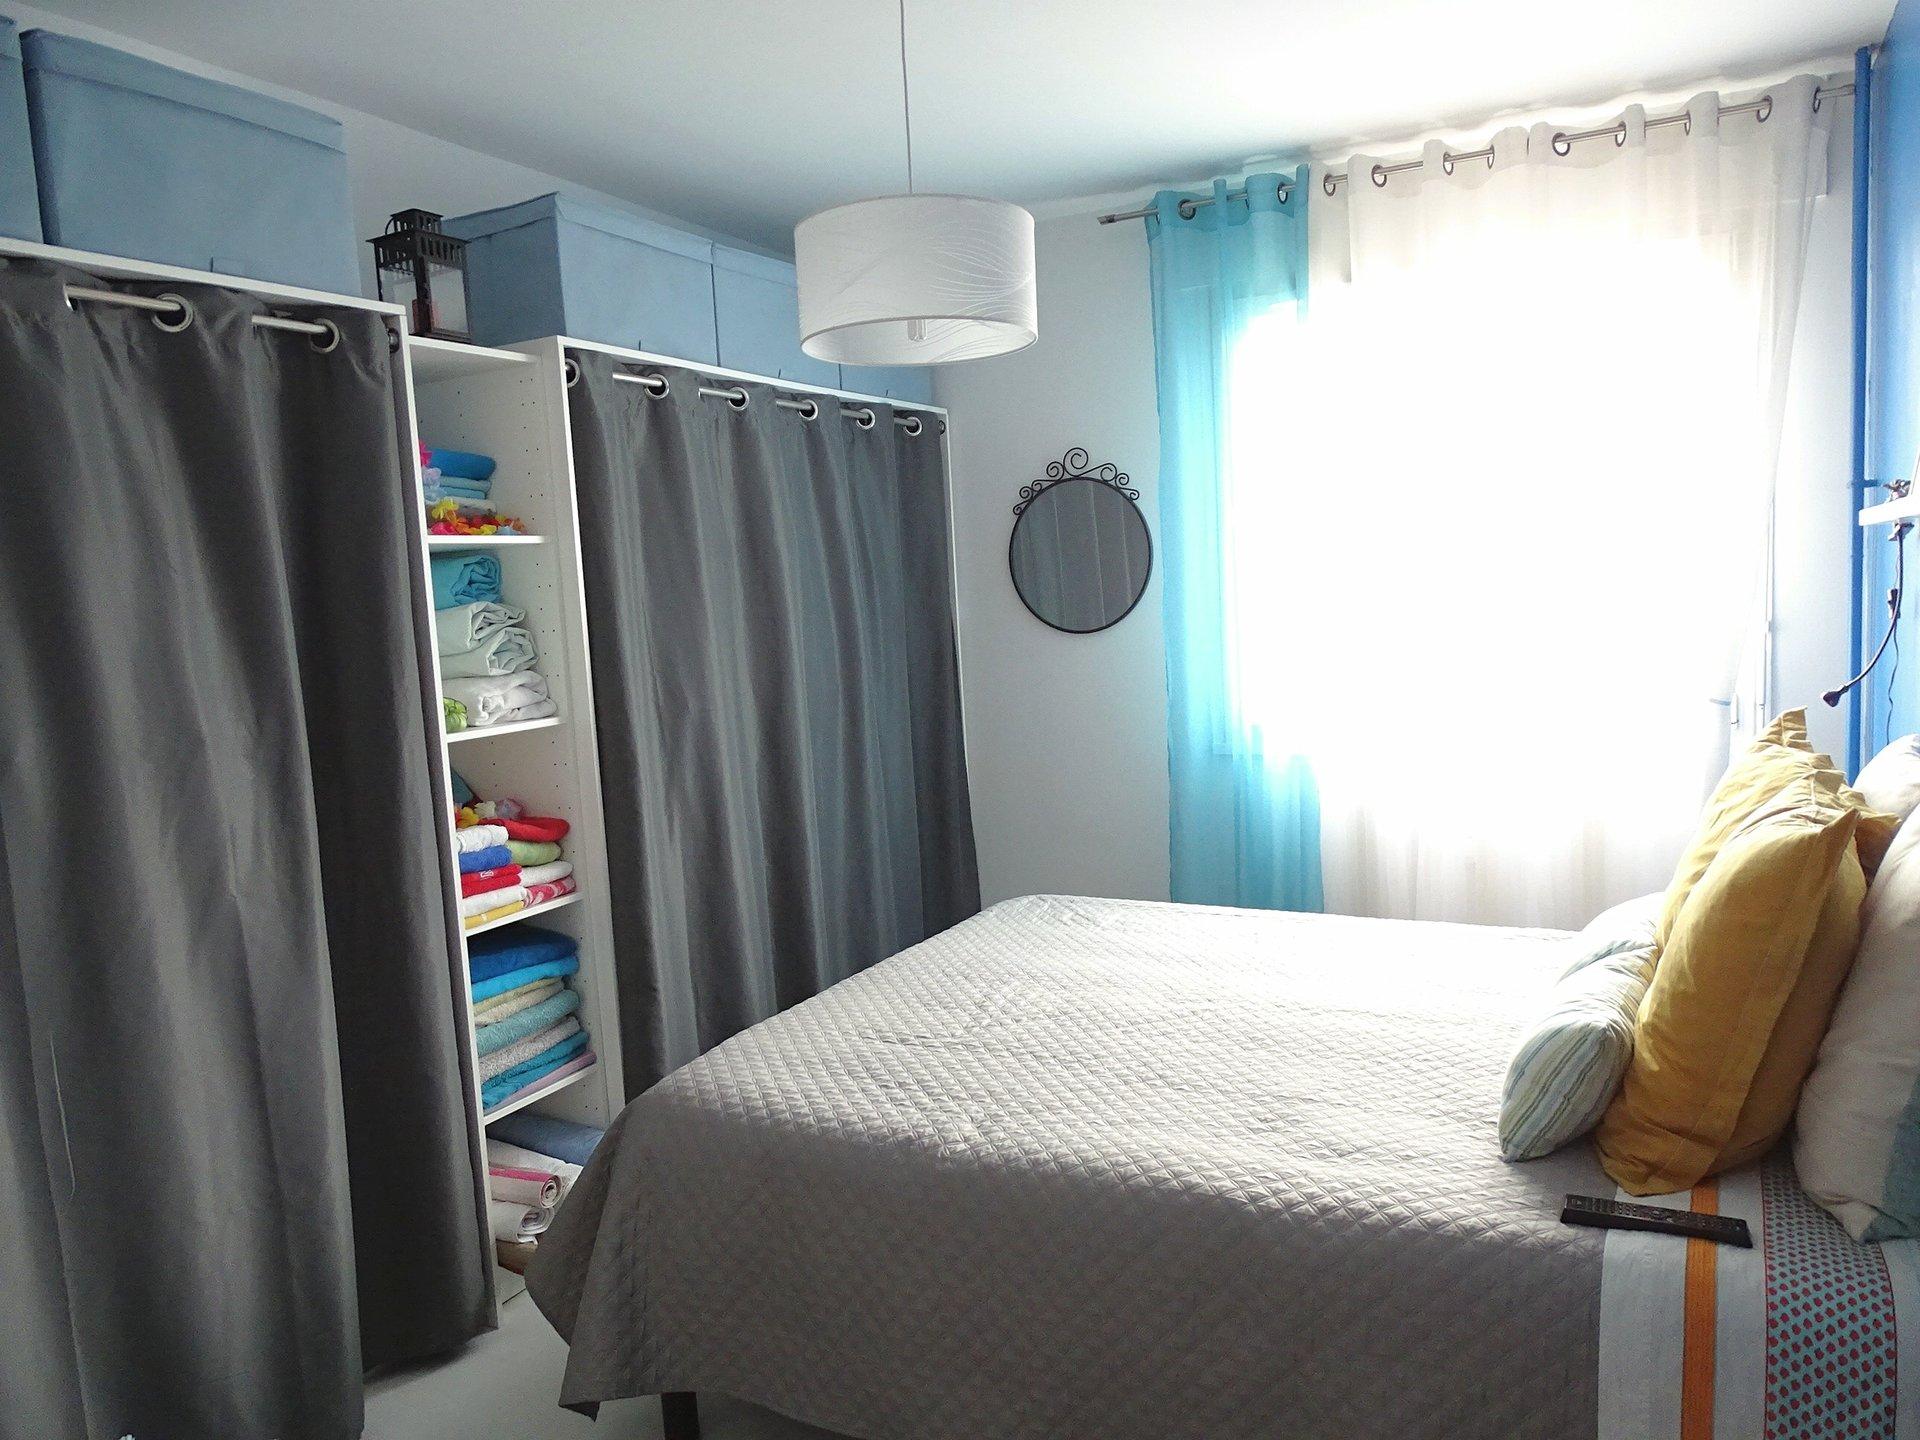 Proche du centre-ville, dans une copropriété au calme, venez découvrir cet appartement offrant une surface habitable de 69 m². Il se compose d'un lumineux salon-séjour ouvrant sur un balcon, d'une cuisine équipée, de deux chambres avec de grands placards, d'un cellier, d'une salle d?eau avec douche, et d'un toilette séparé. Une place de stationnement privé ainsi qu?une cave complètent ce bien.  Copropriété très bien entretenue (75 lots - charges :490 euros/trimestre). Honoraires à la charge du vendeur.